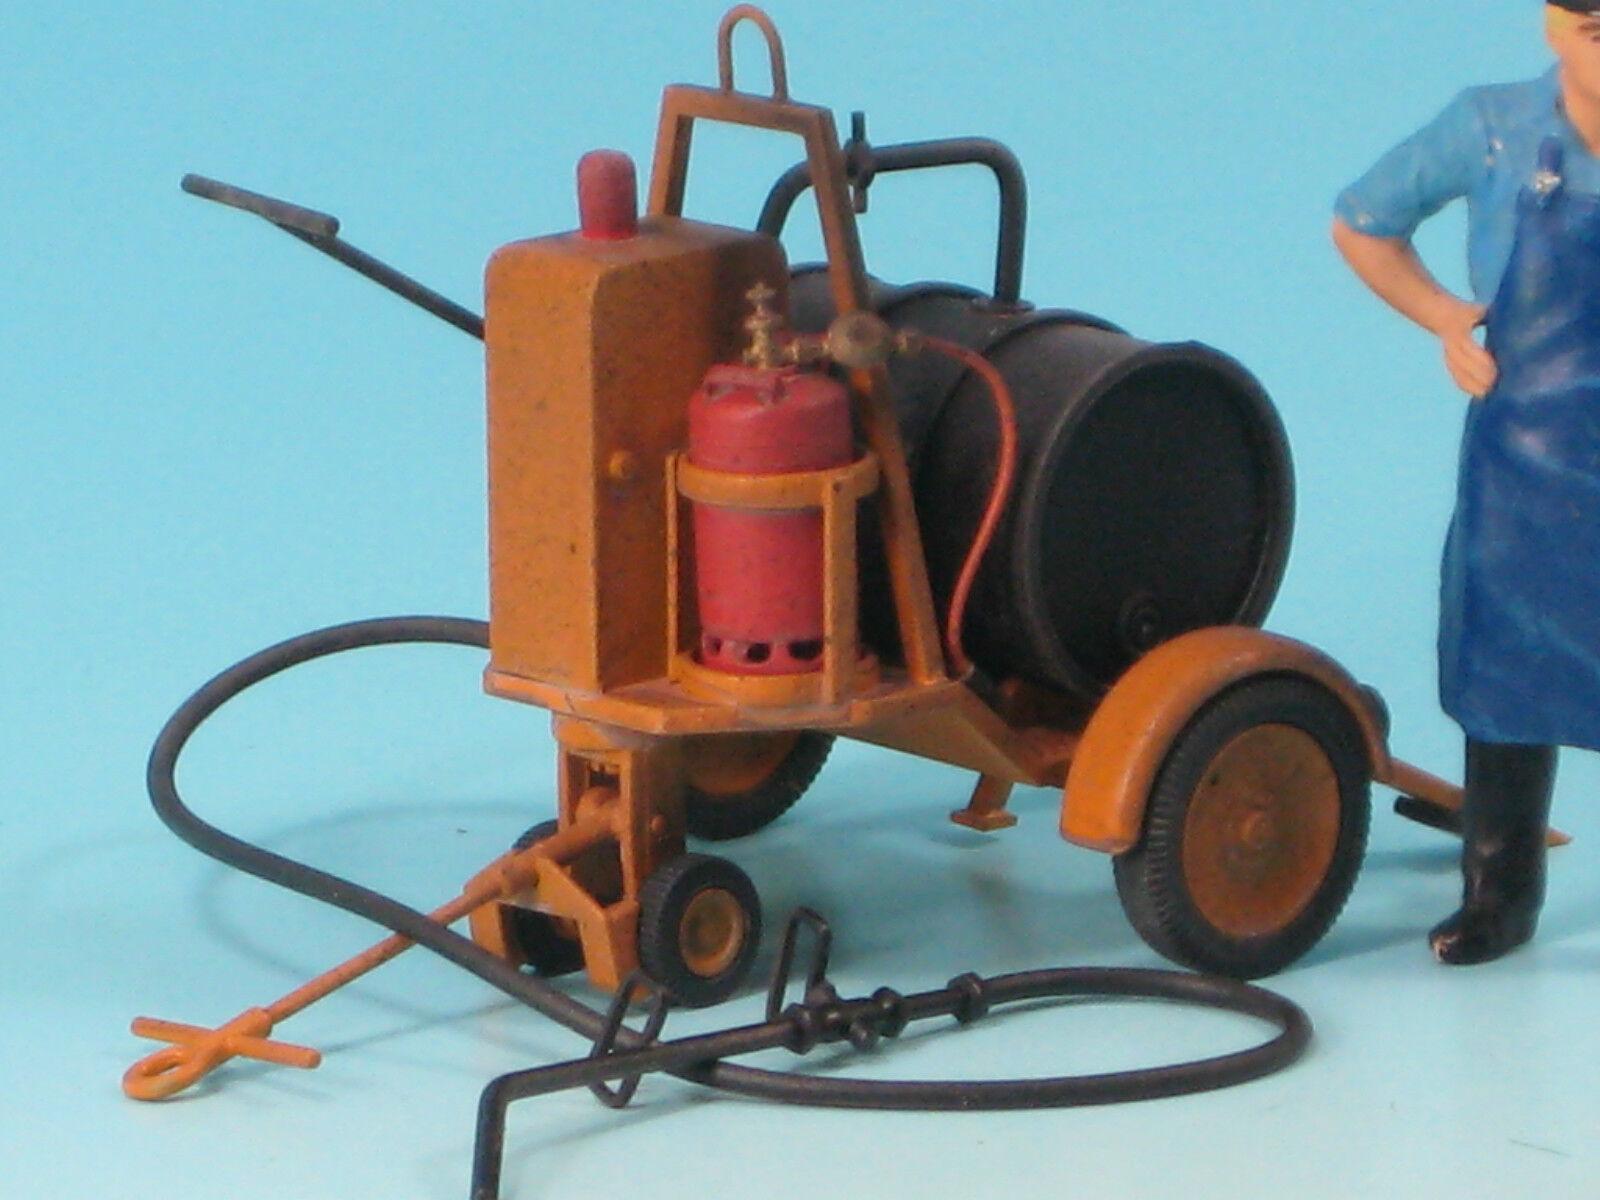 Unbemalter Bausatz  Teerspritzwagen, Spritzmaus  im Maßstab 1 22,5 (85100 B)  | Sehr gute Farbe